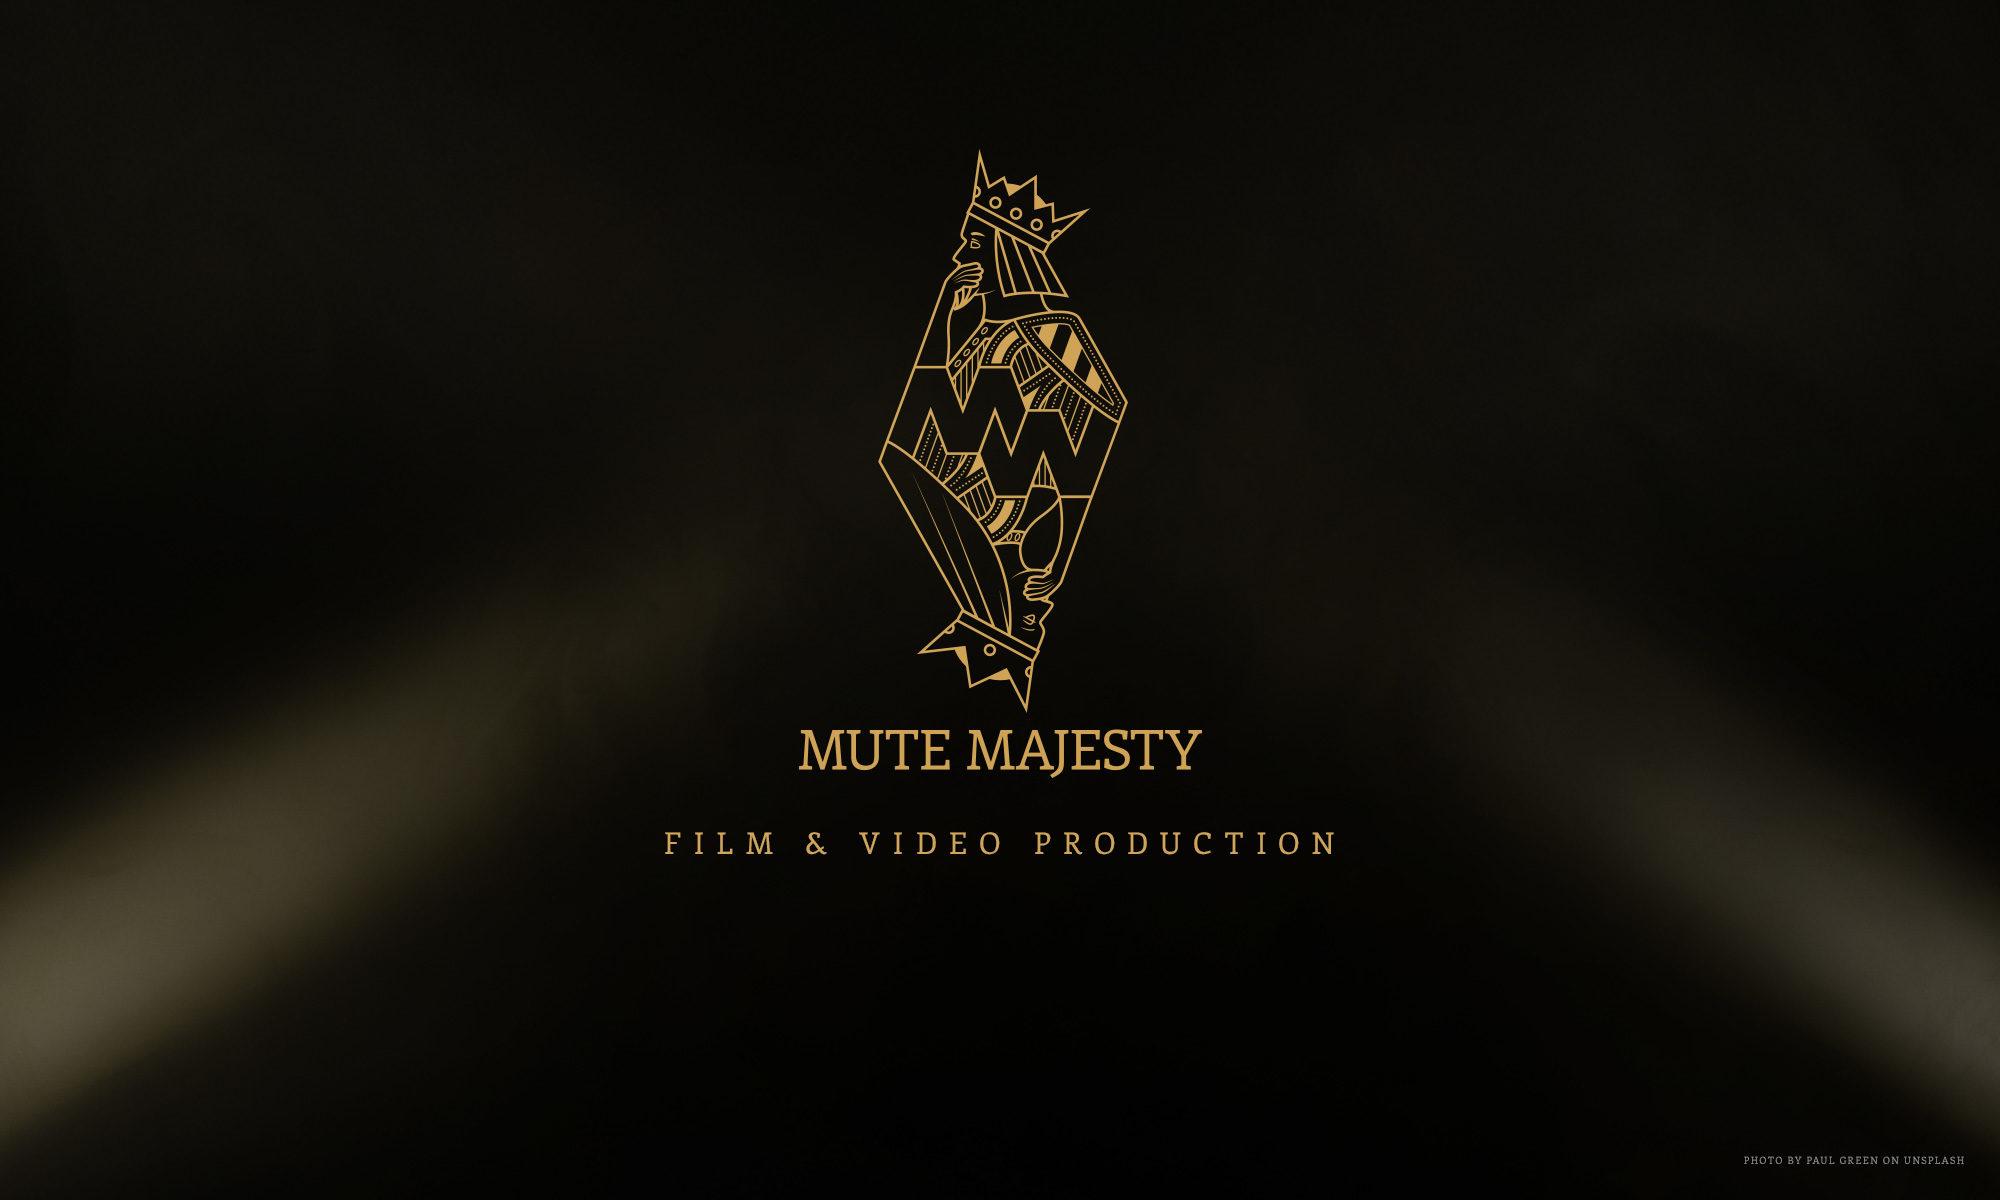 Mute Majesty